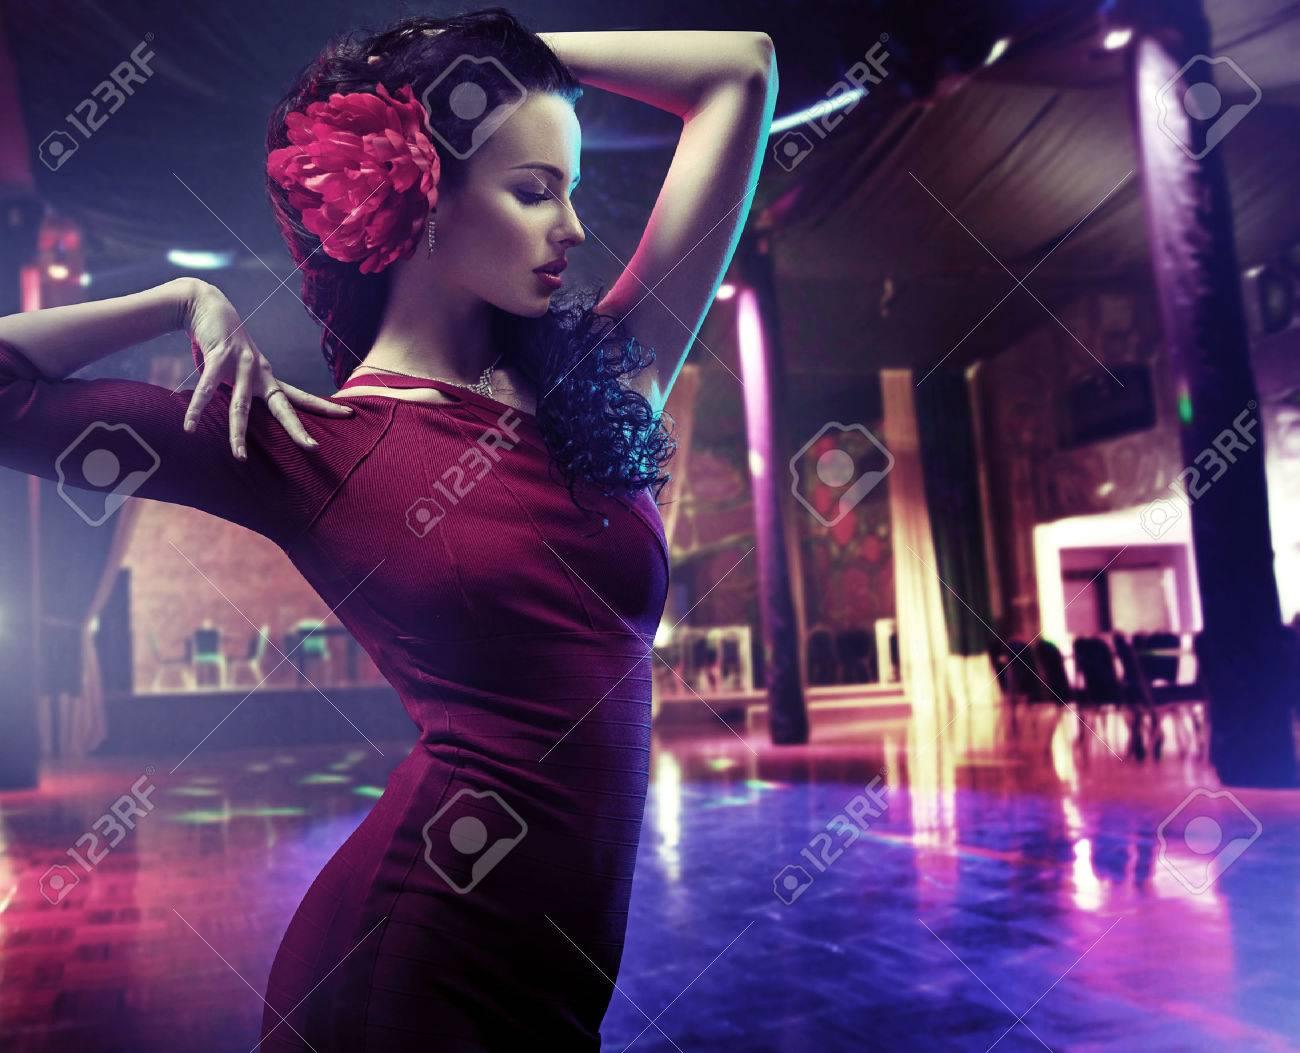 Primo piano ritratto di una donna che balla una danza latino Archivio Fotografico - 55304736